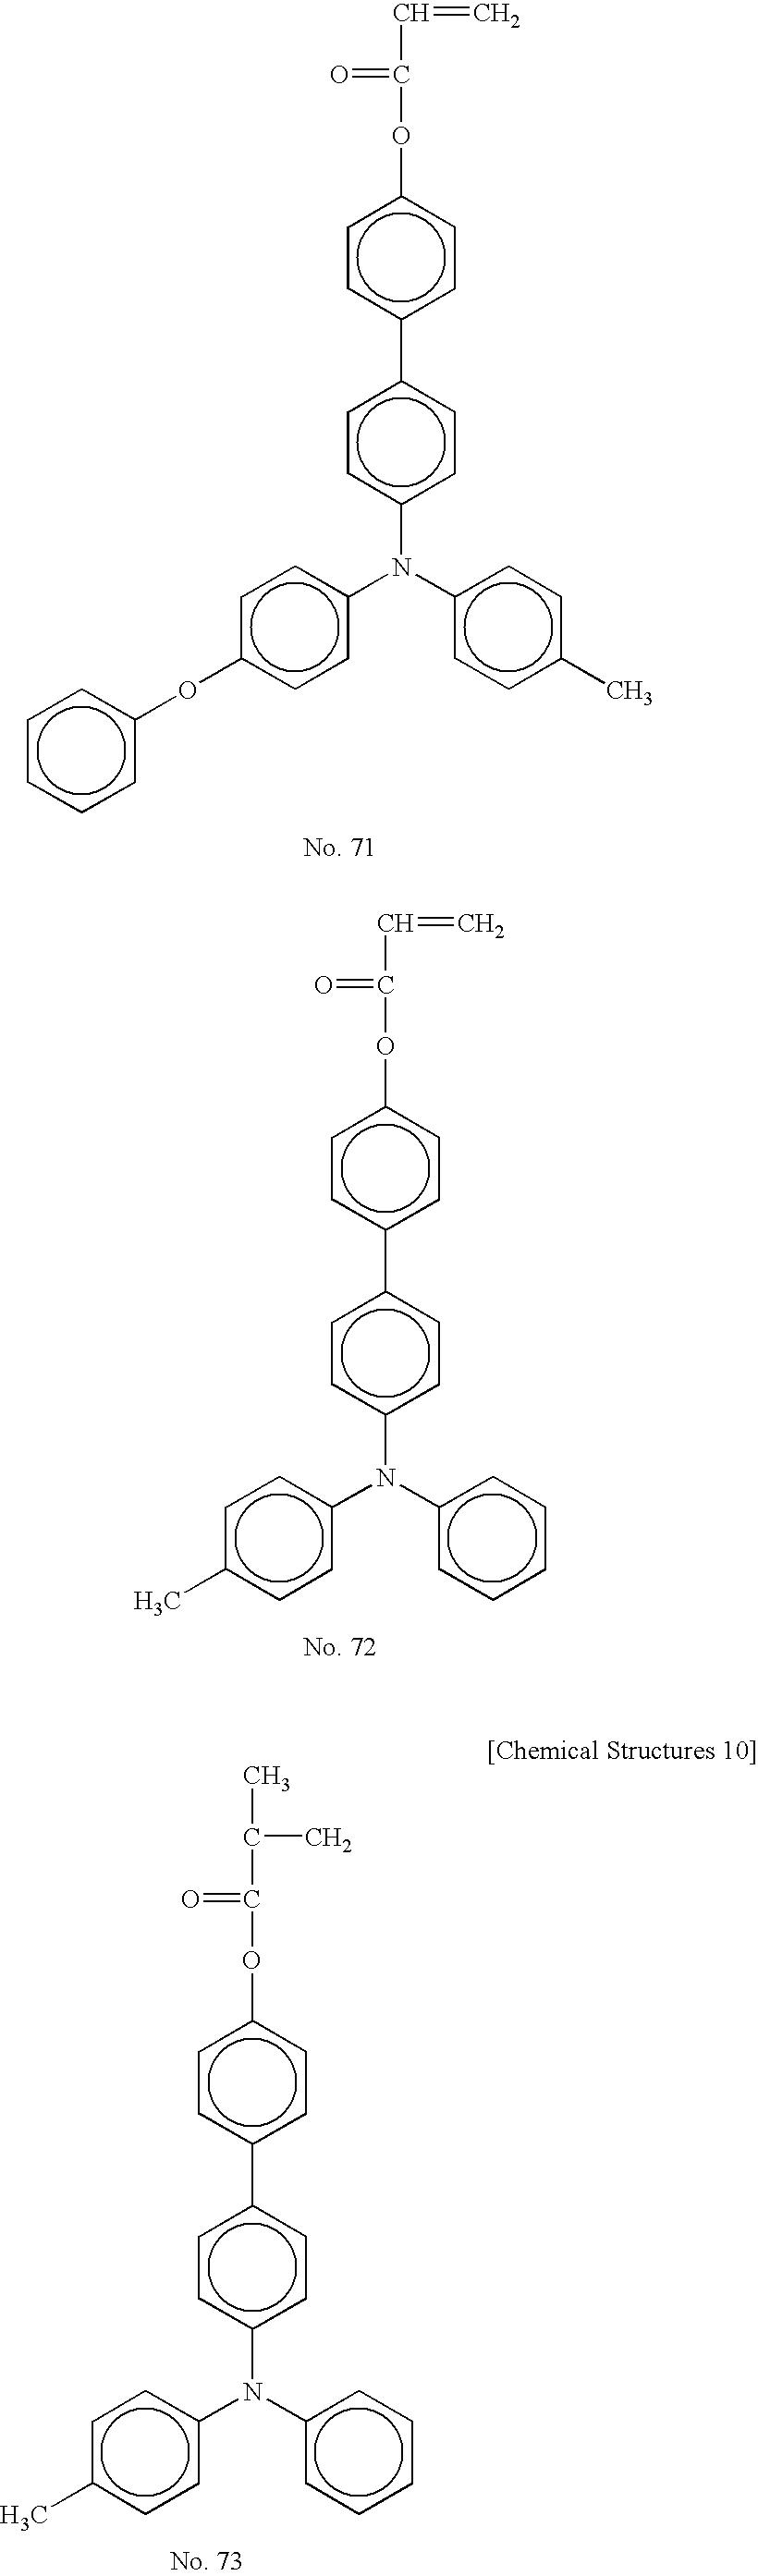 Figure US20070196749A1-20070823-C00026